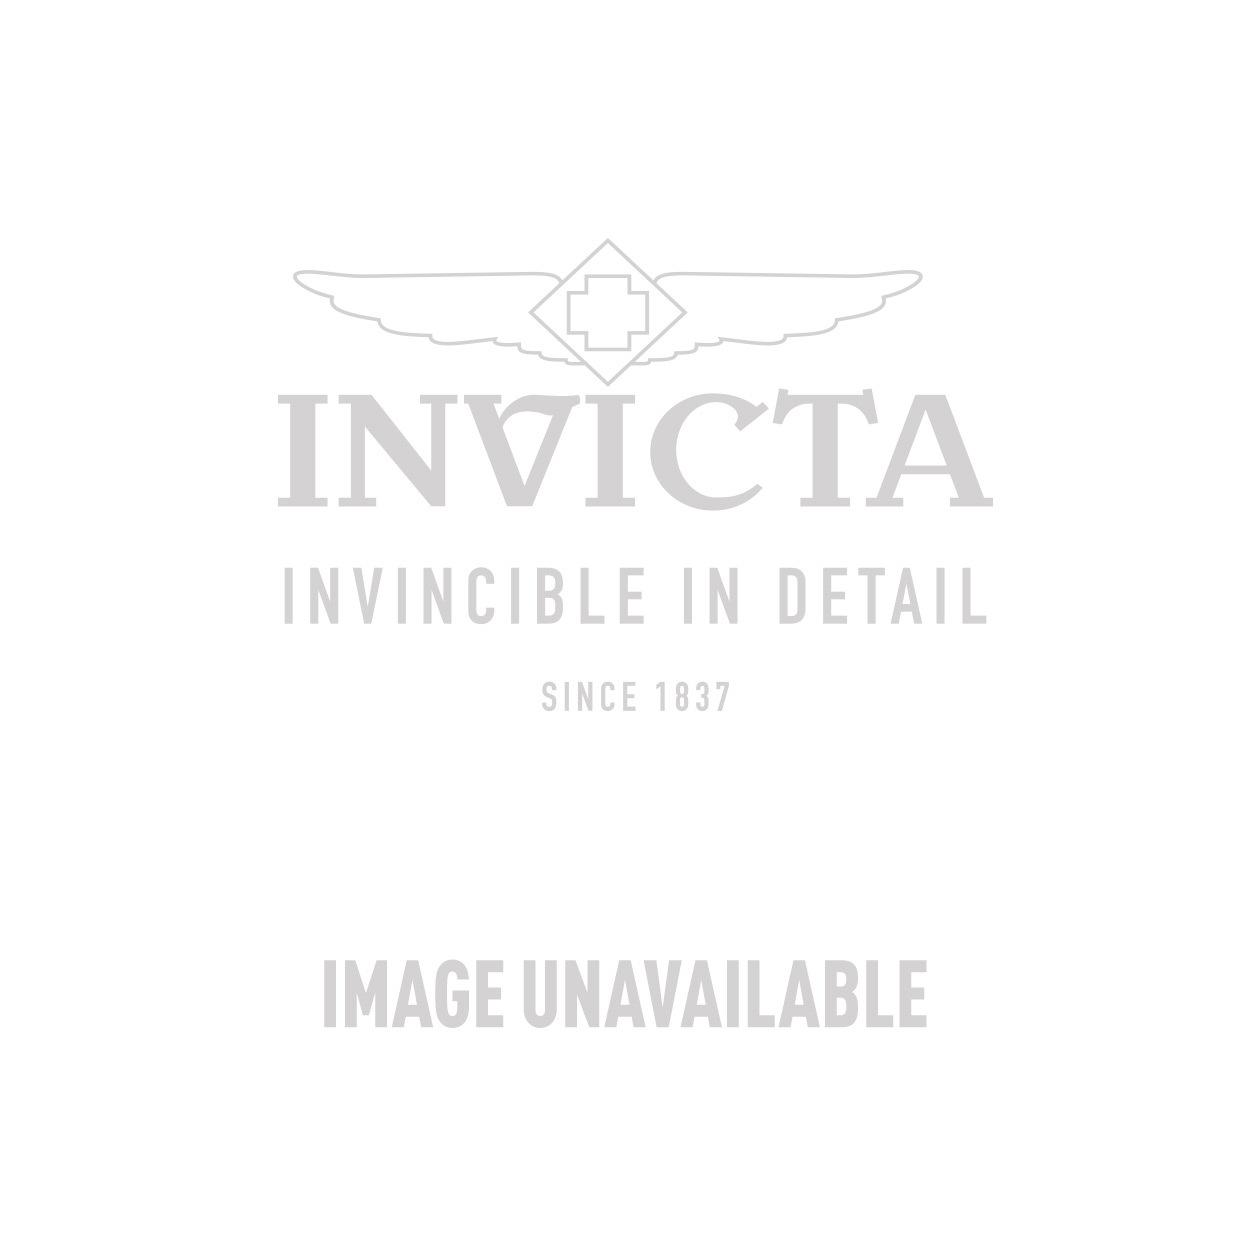 Invicta Model 28823